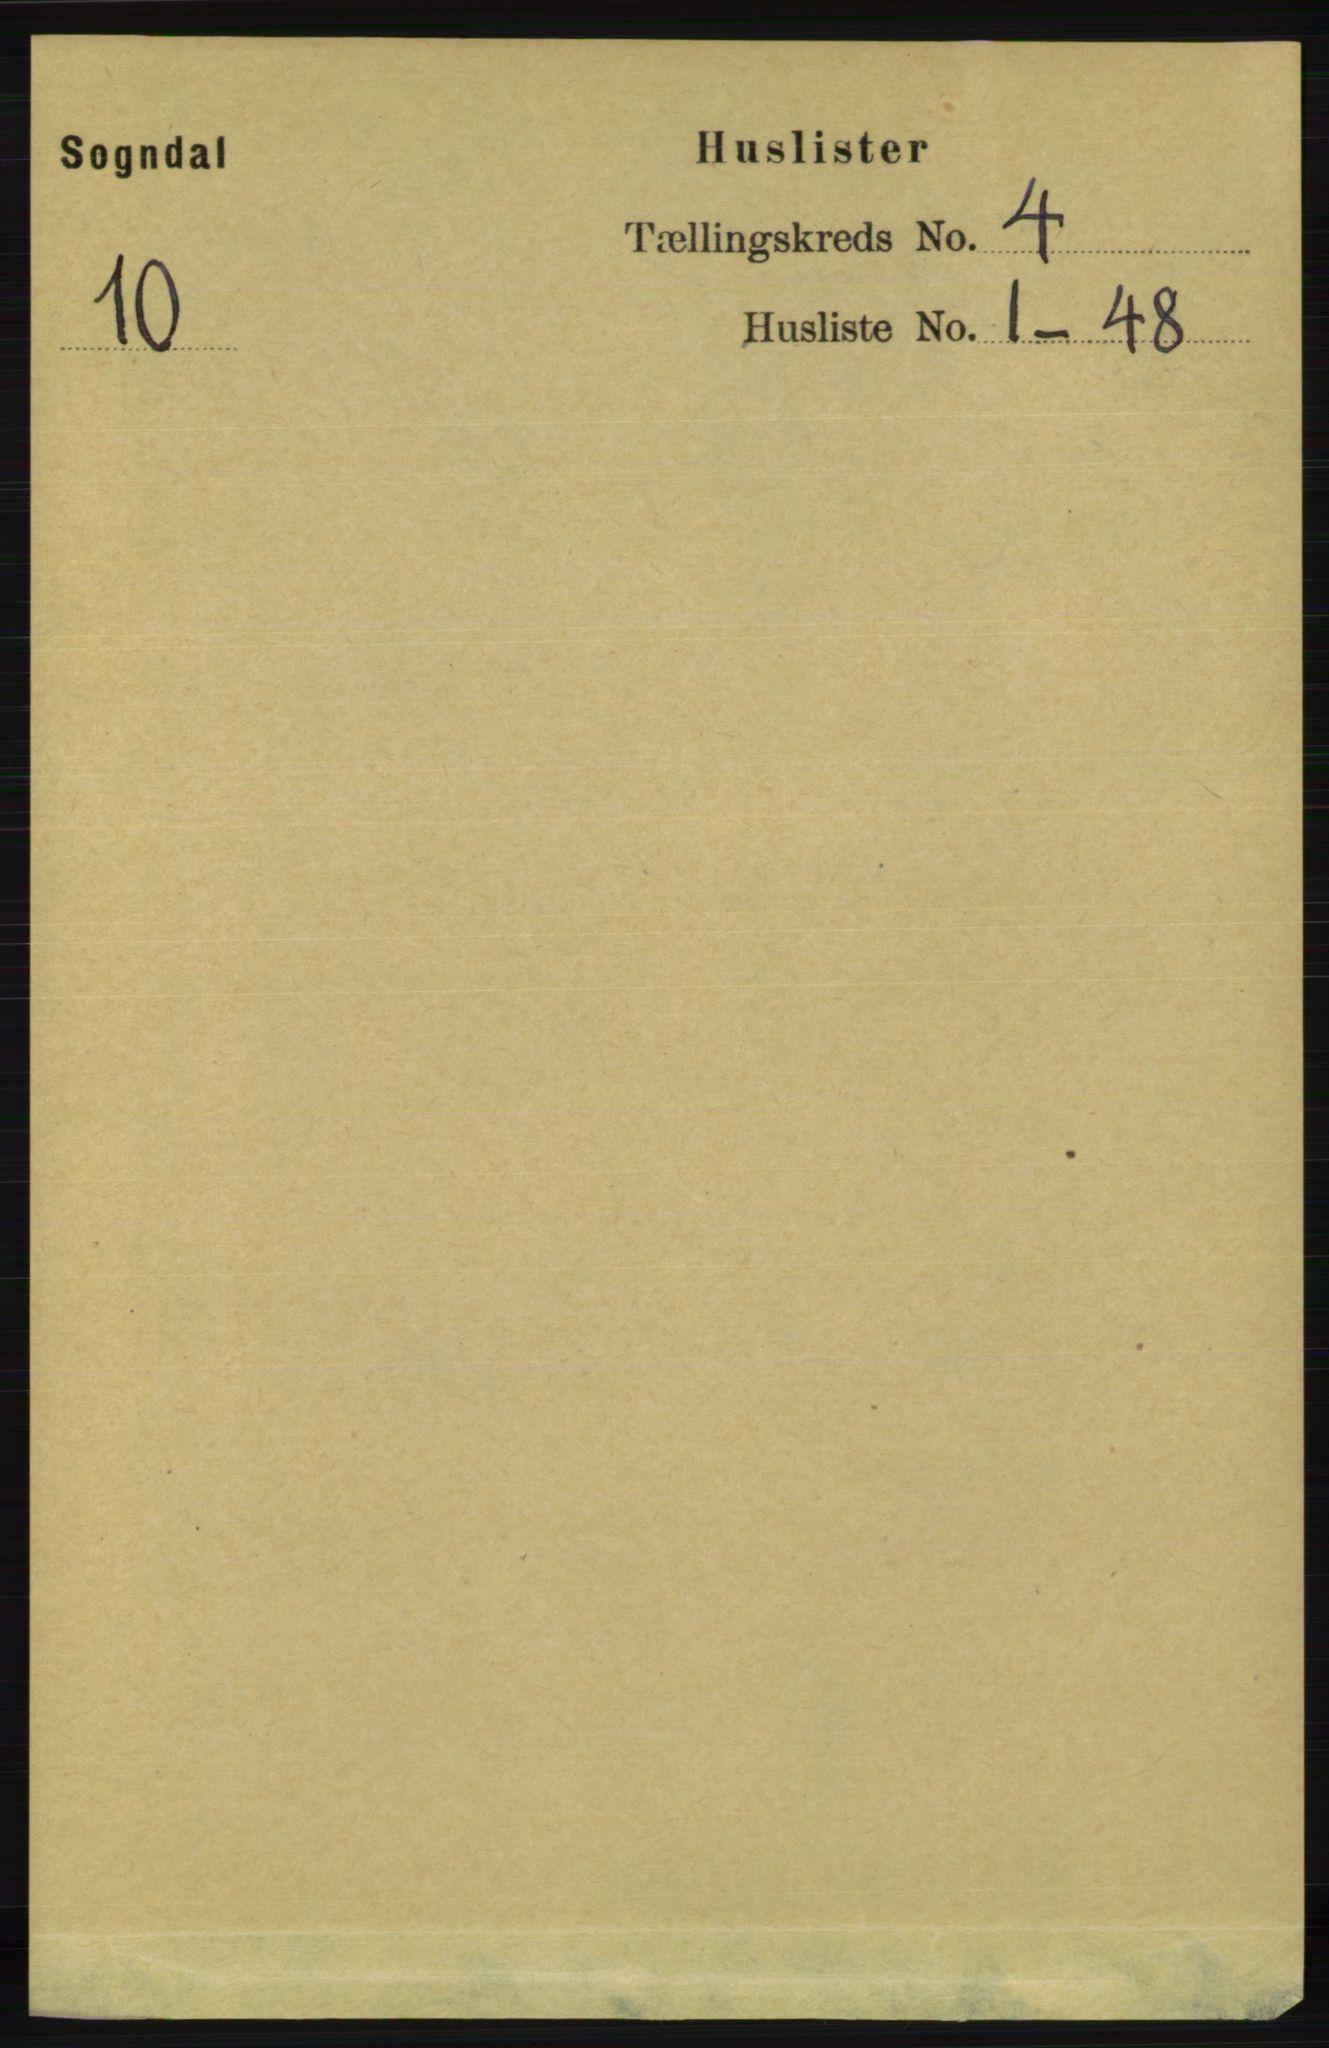 RA, Folketelling 1891 for 1111 Sokndal herred, 1891, s. 950